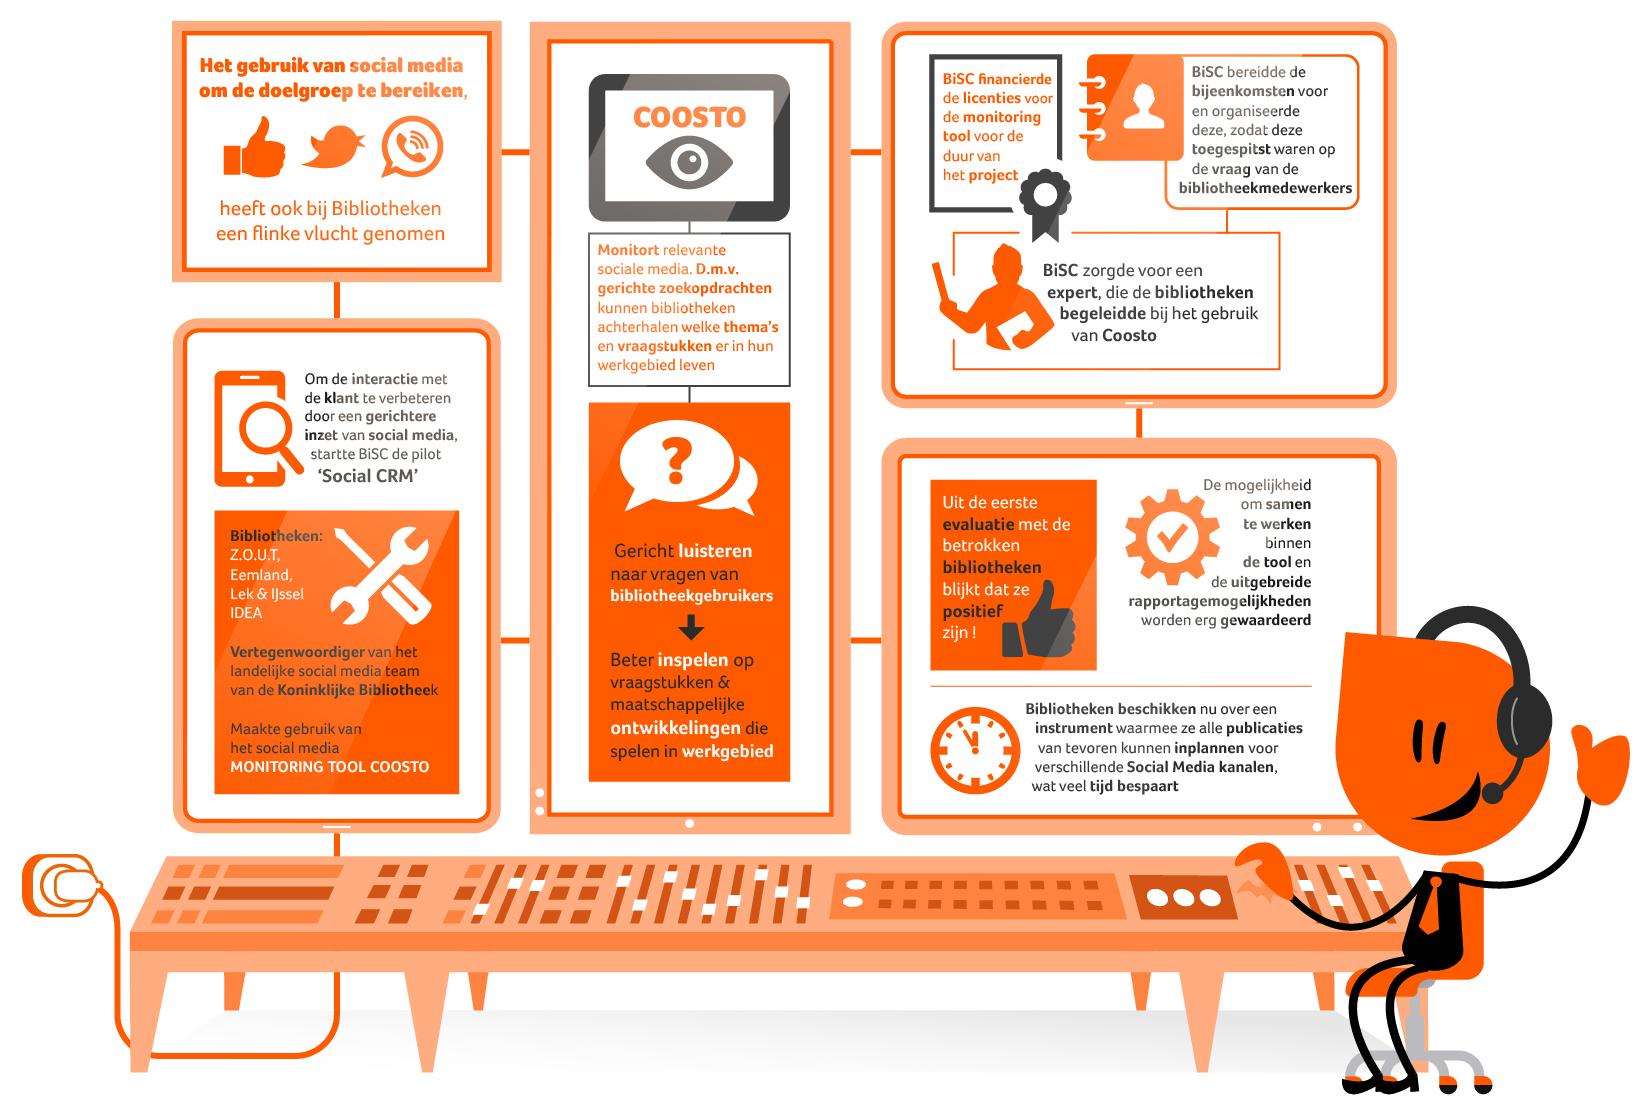 Social CRM: verbeteren van interactie met de klant